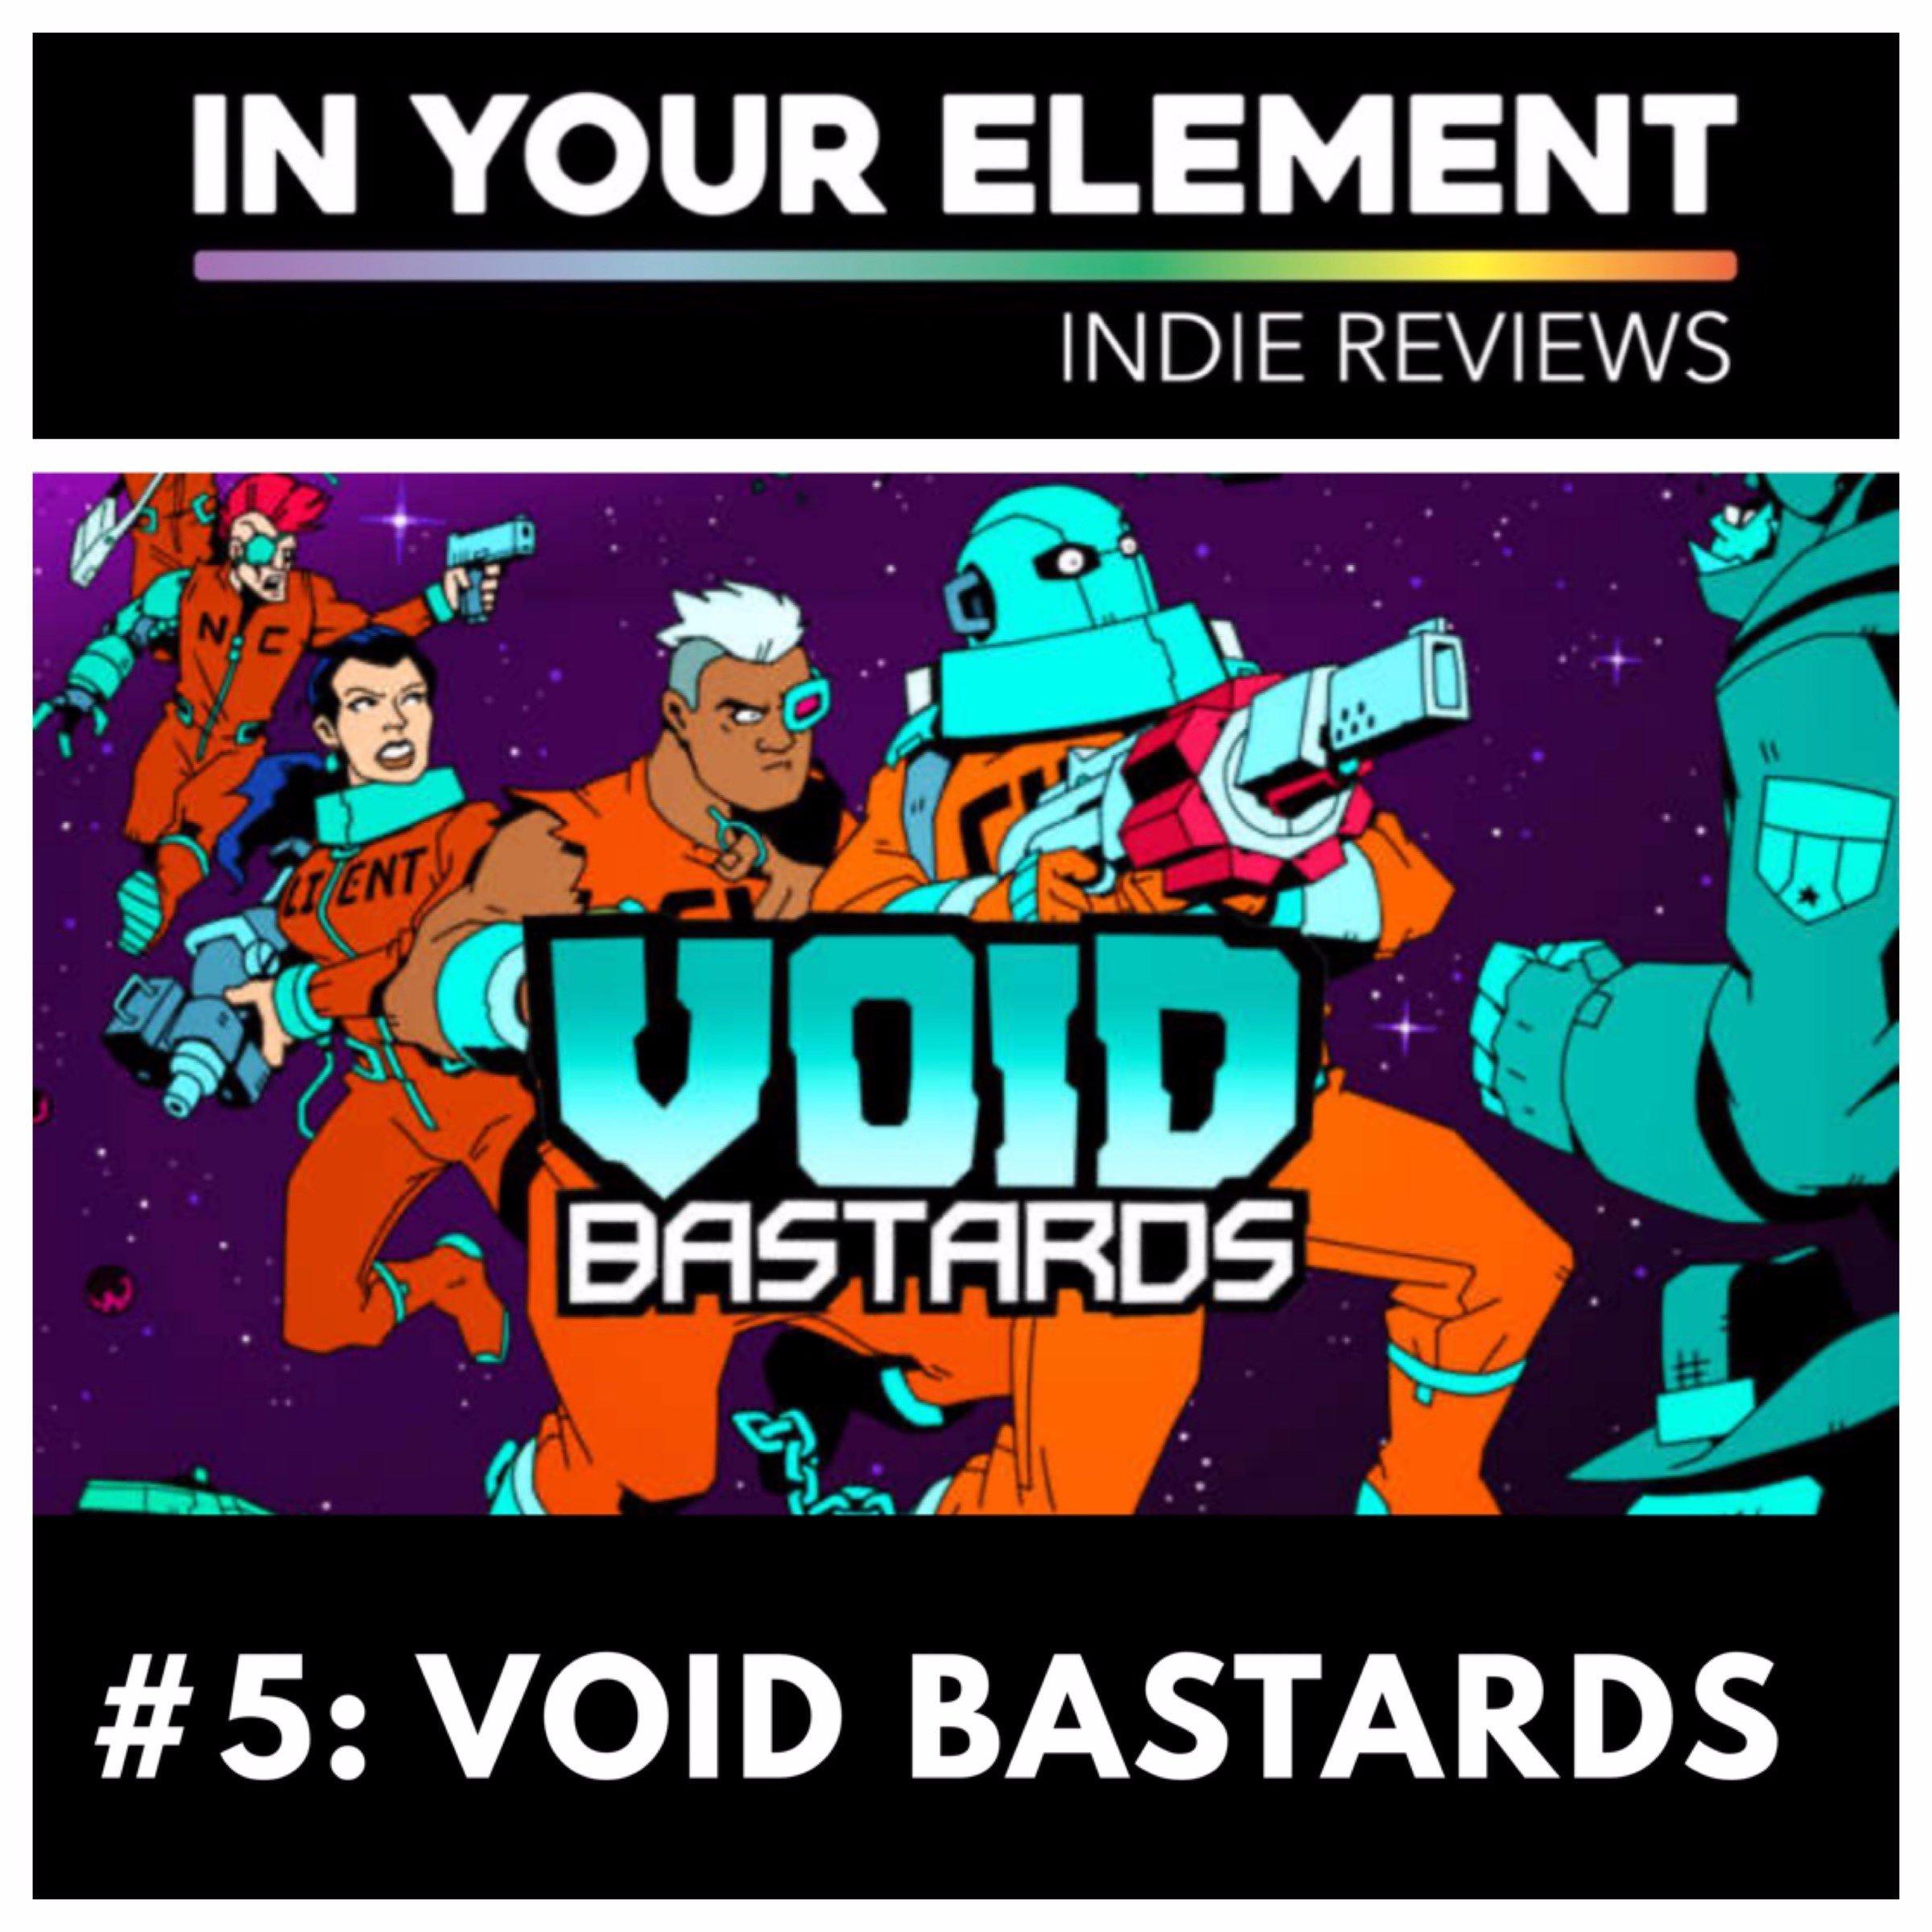 Indie Reviews #5: Void Bastards